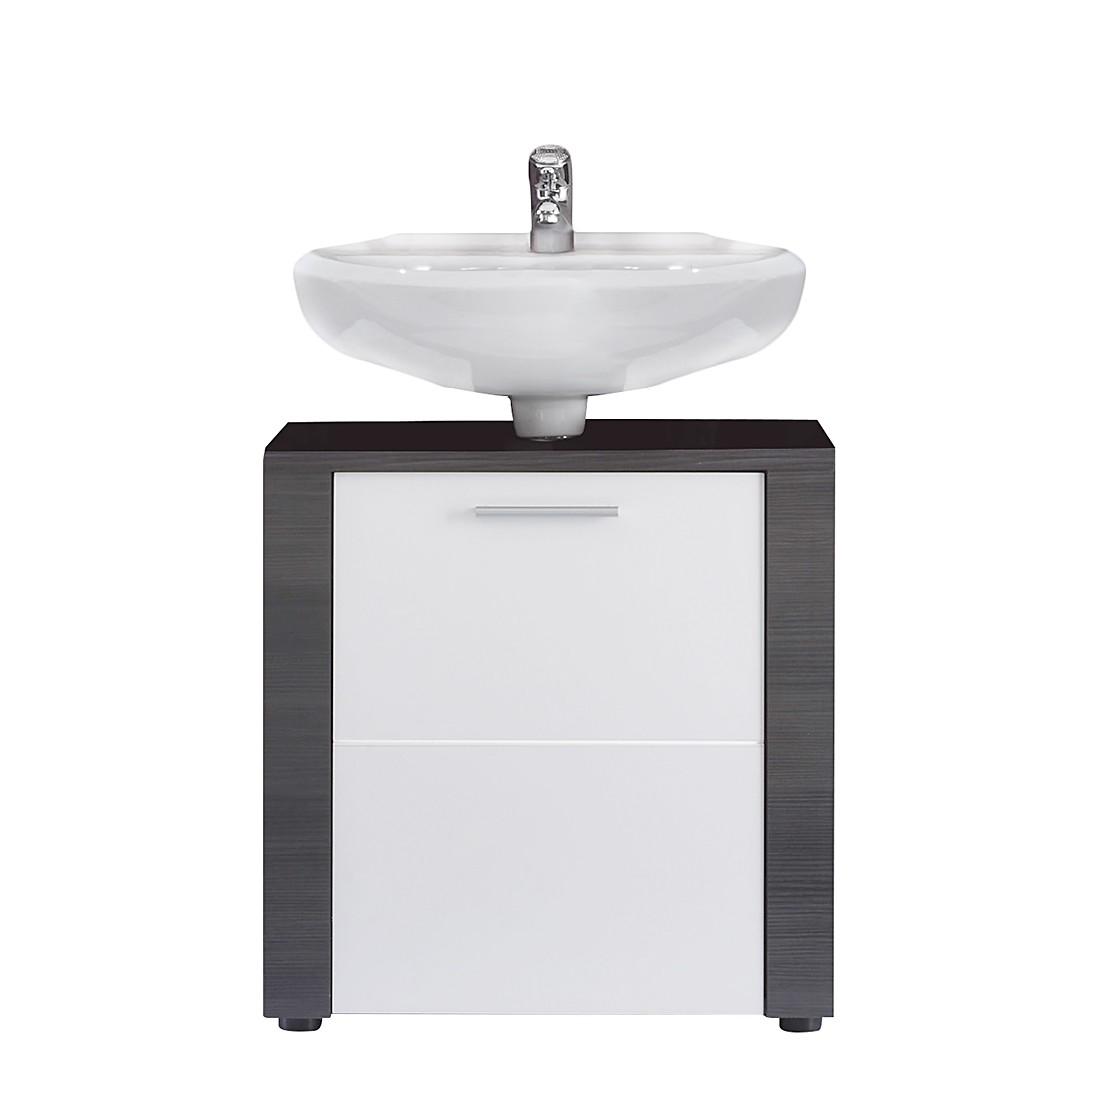 Armadietto da lavabo Cito - Effetto frassino grigio/Bianco sotto lavandino, Trendteam